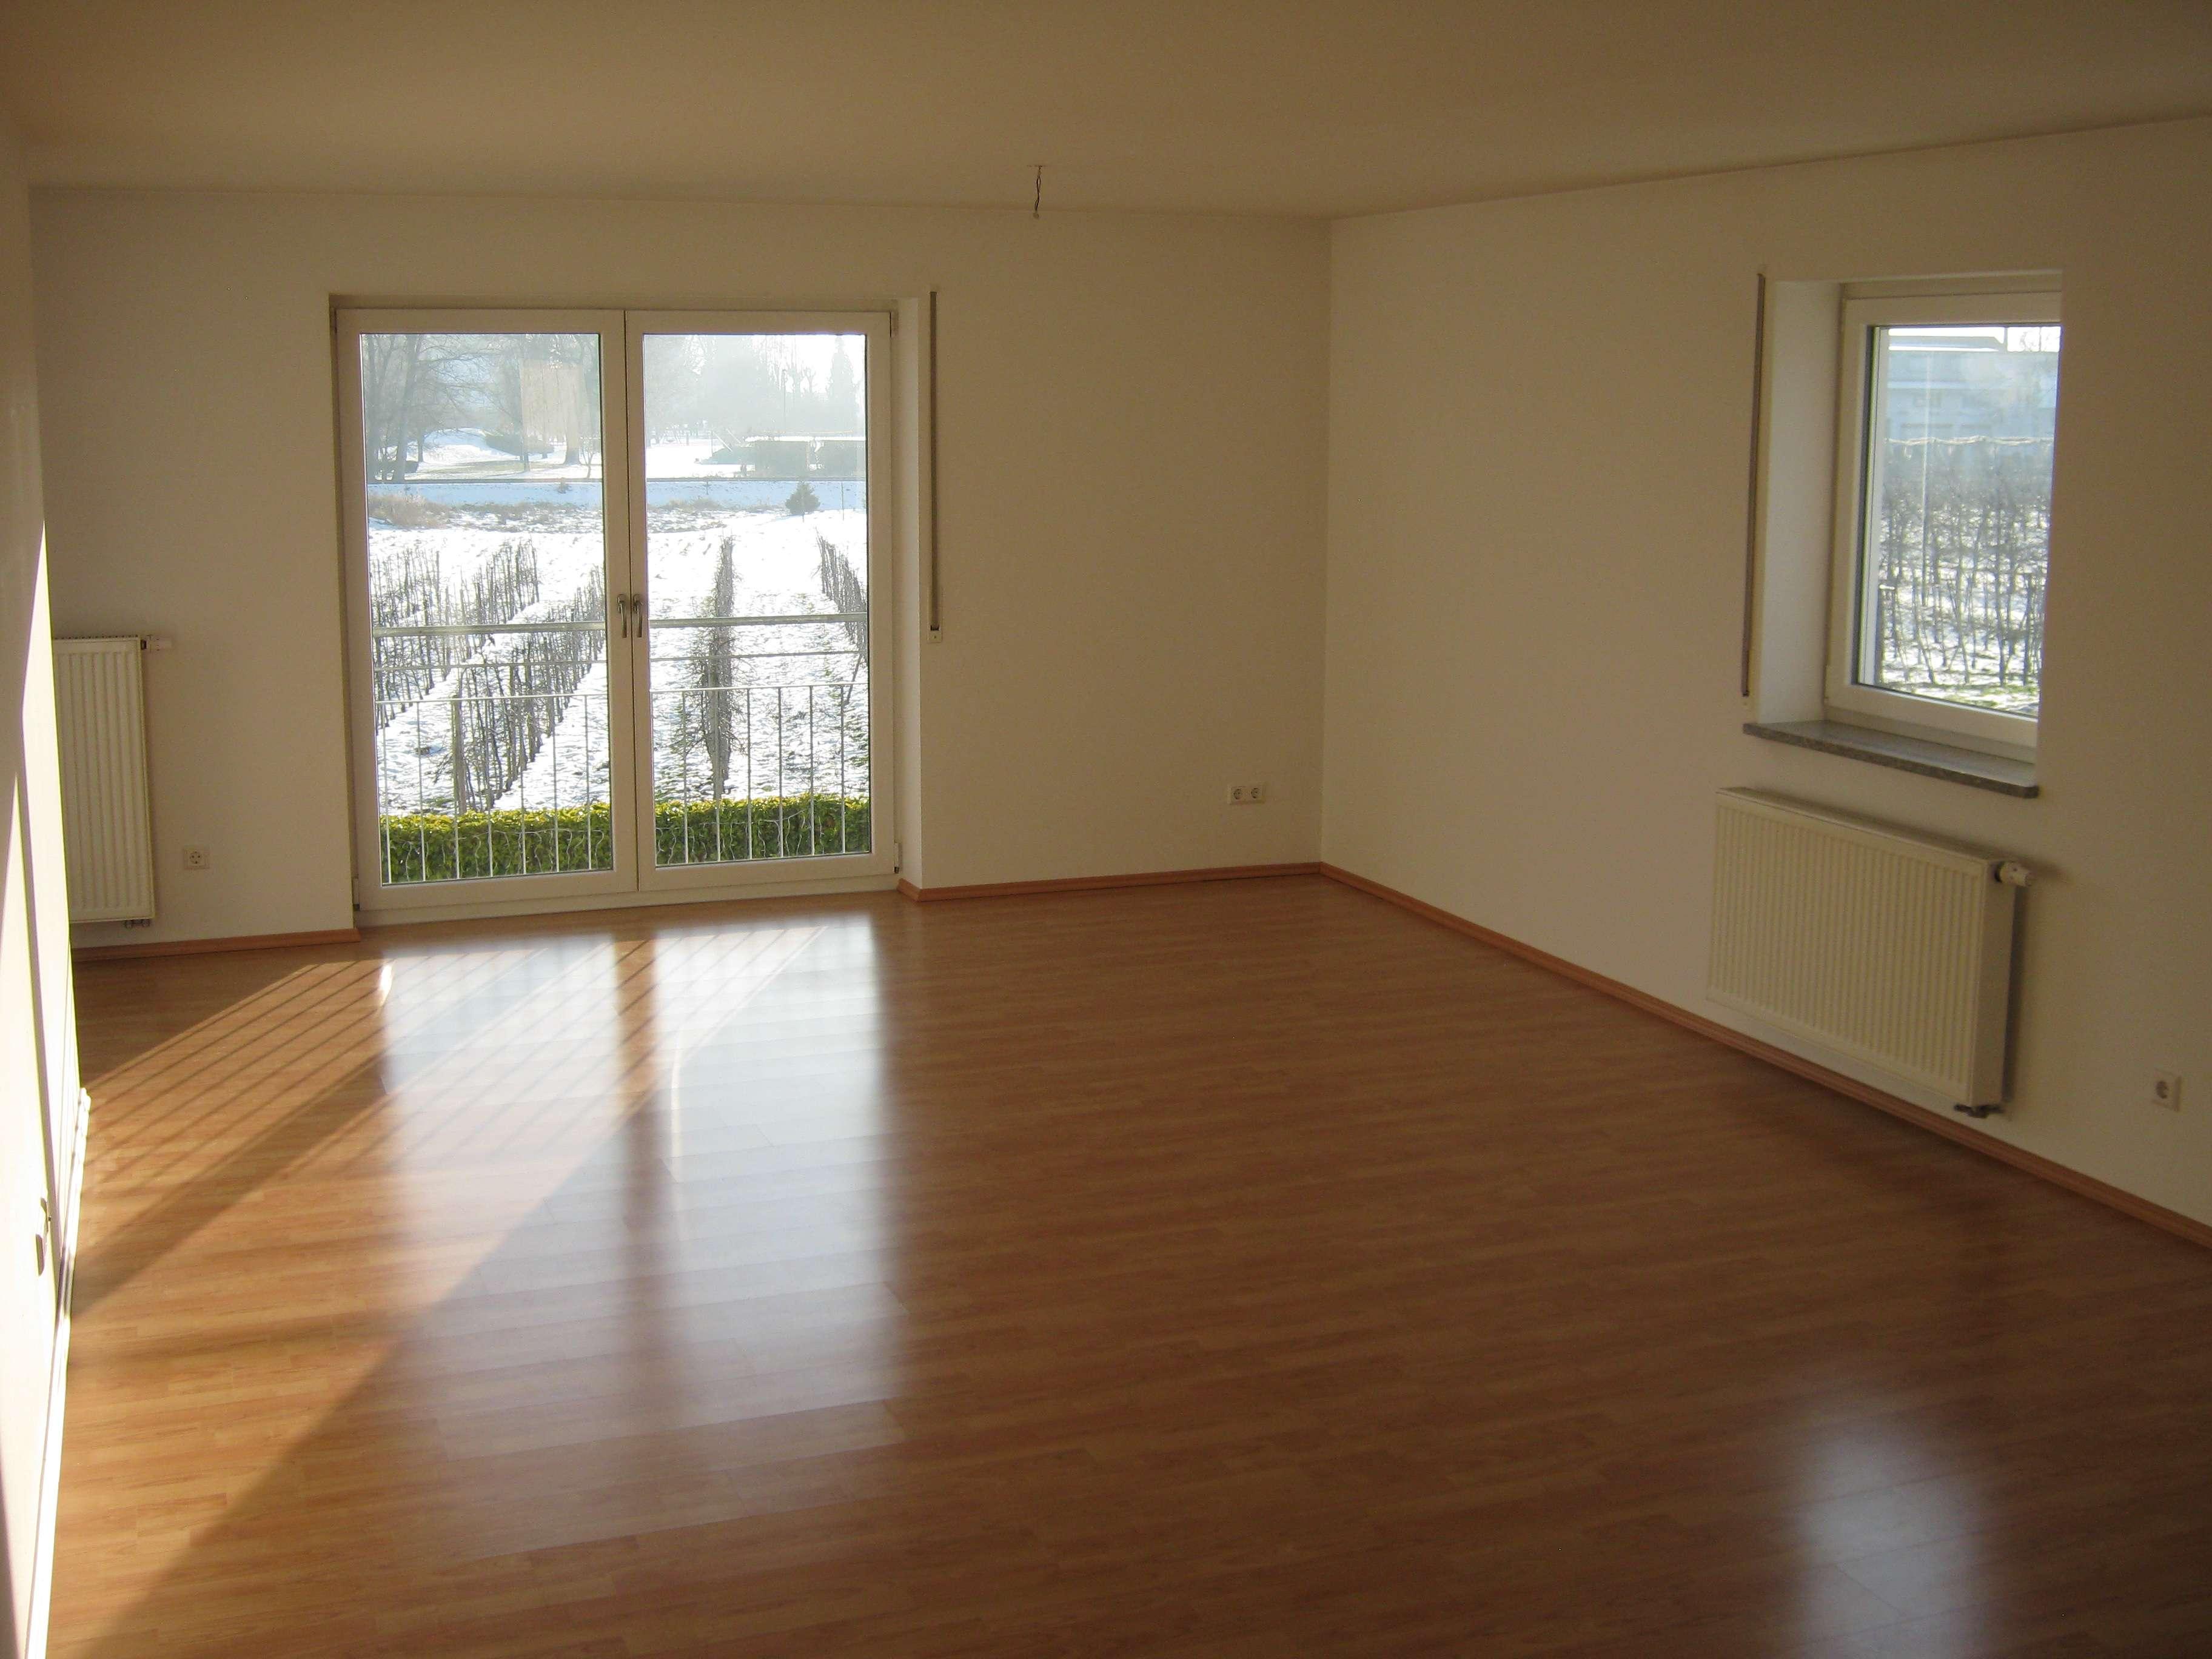 Sonnige, helle Wohnung mit tollem Blick in Nonnenhorn